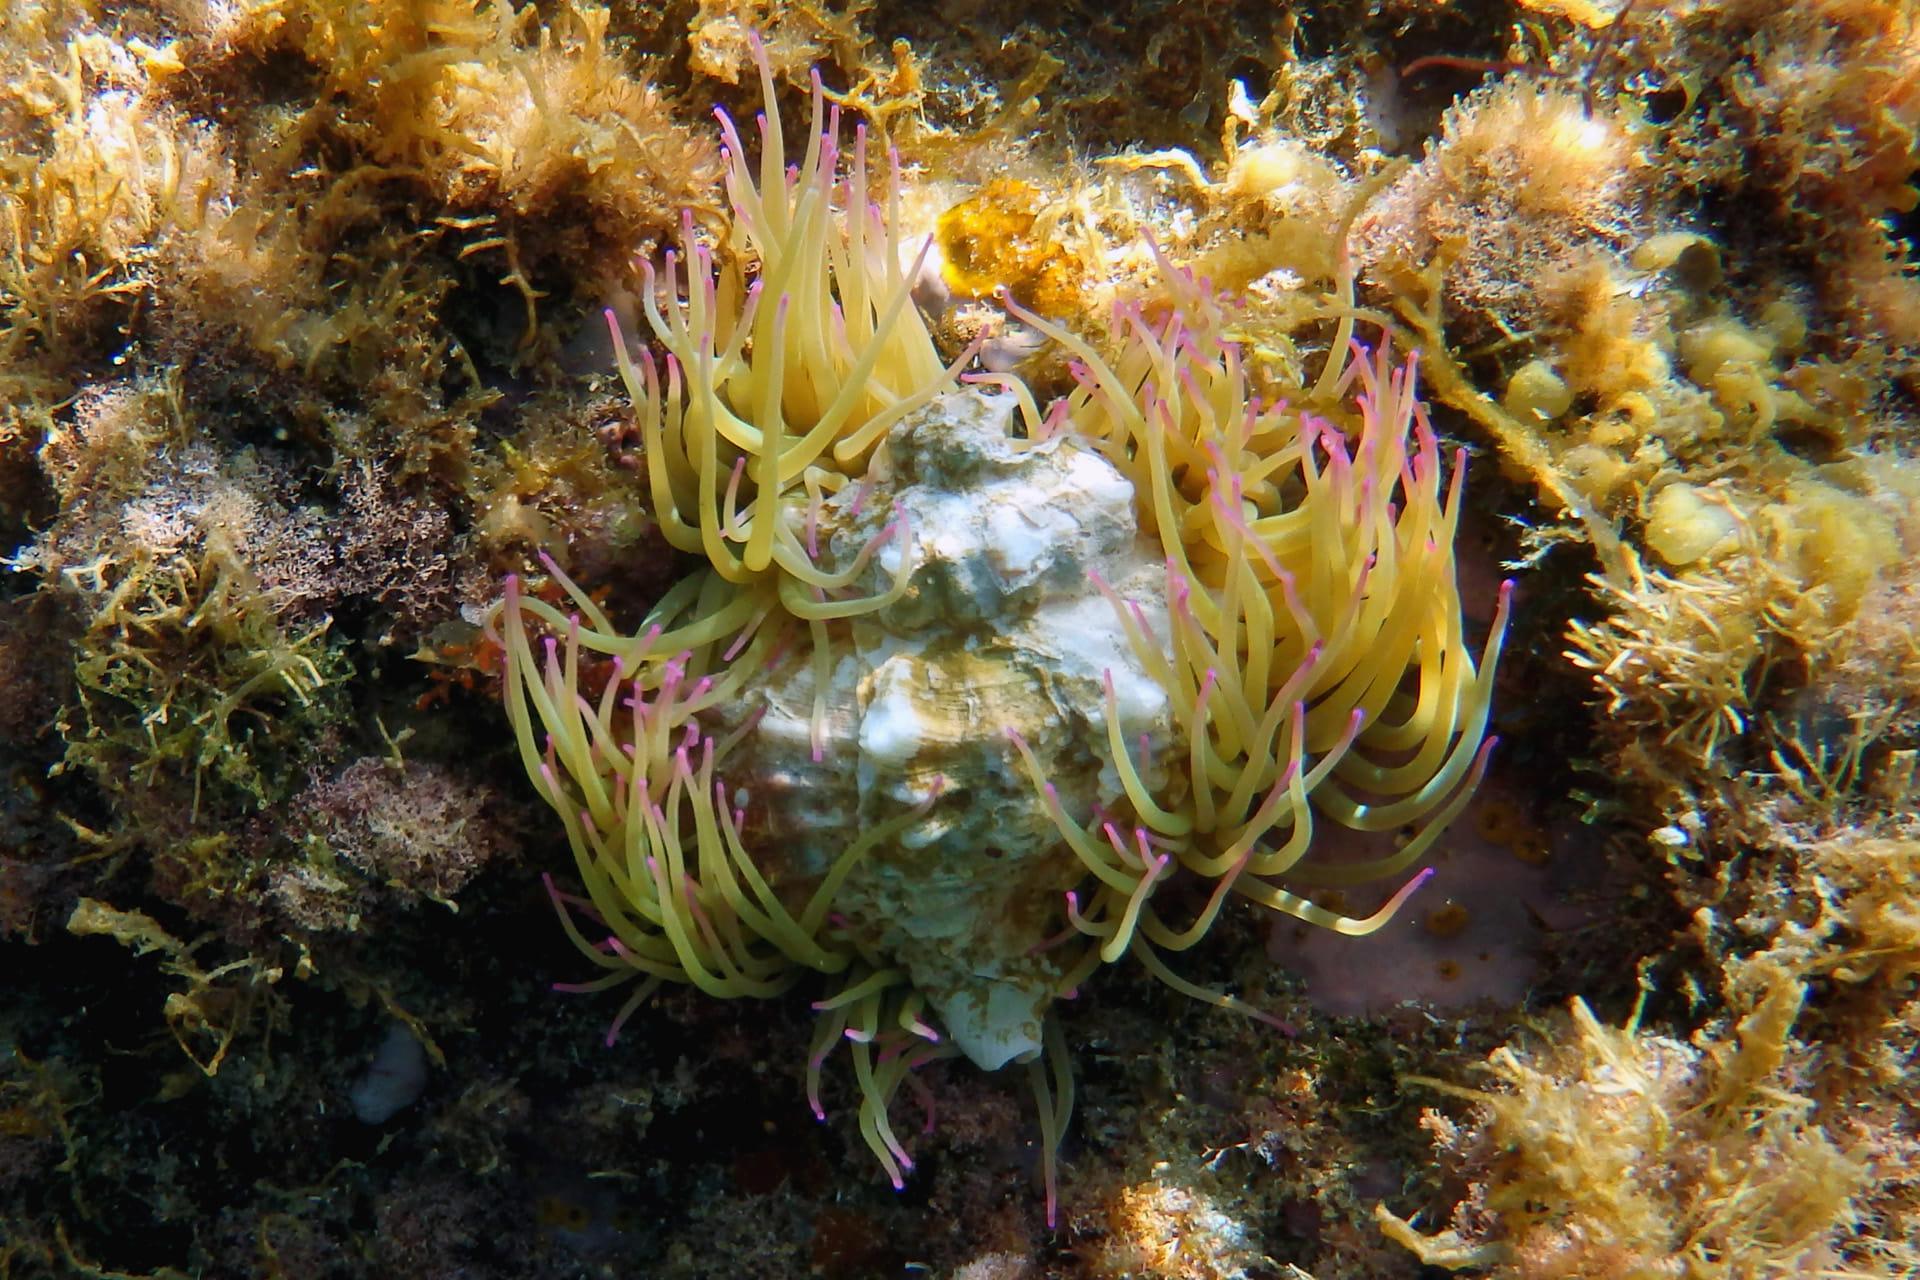 Concha con ortiguillas de mar